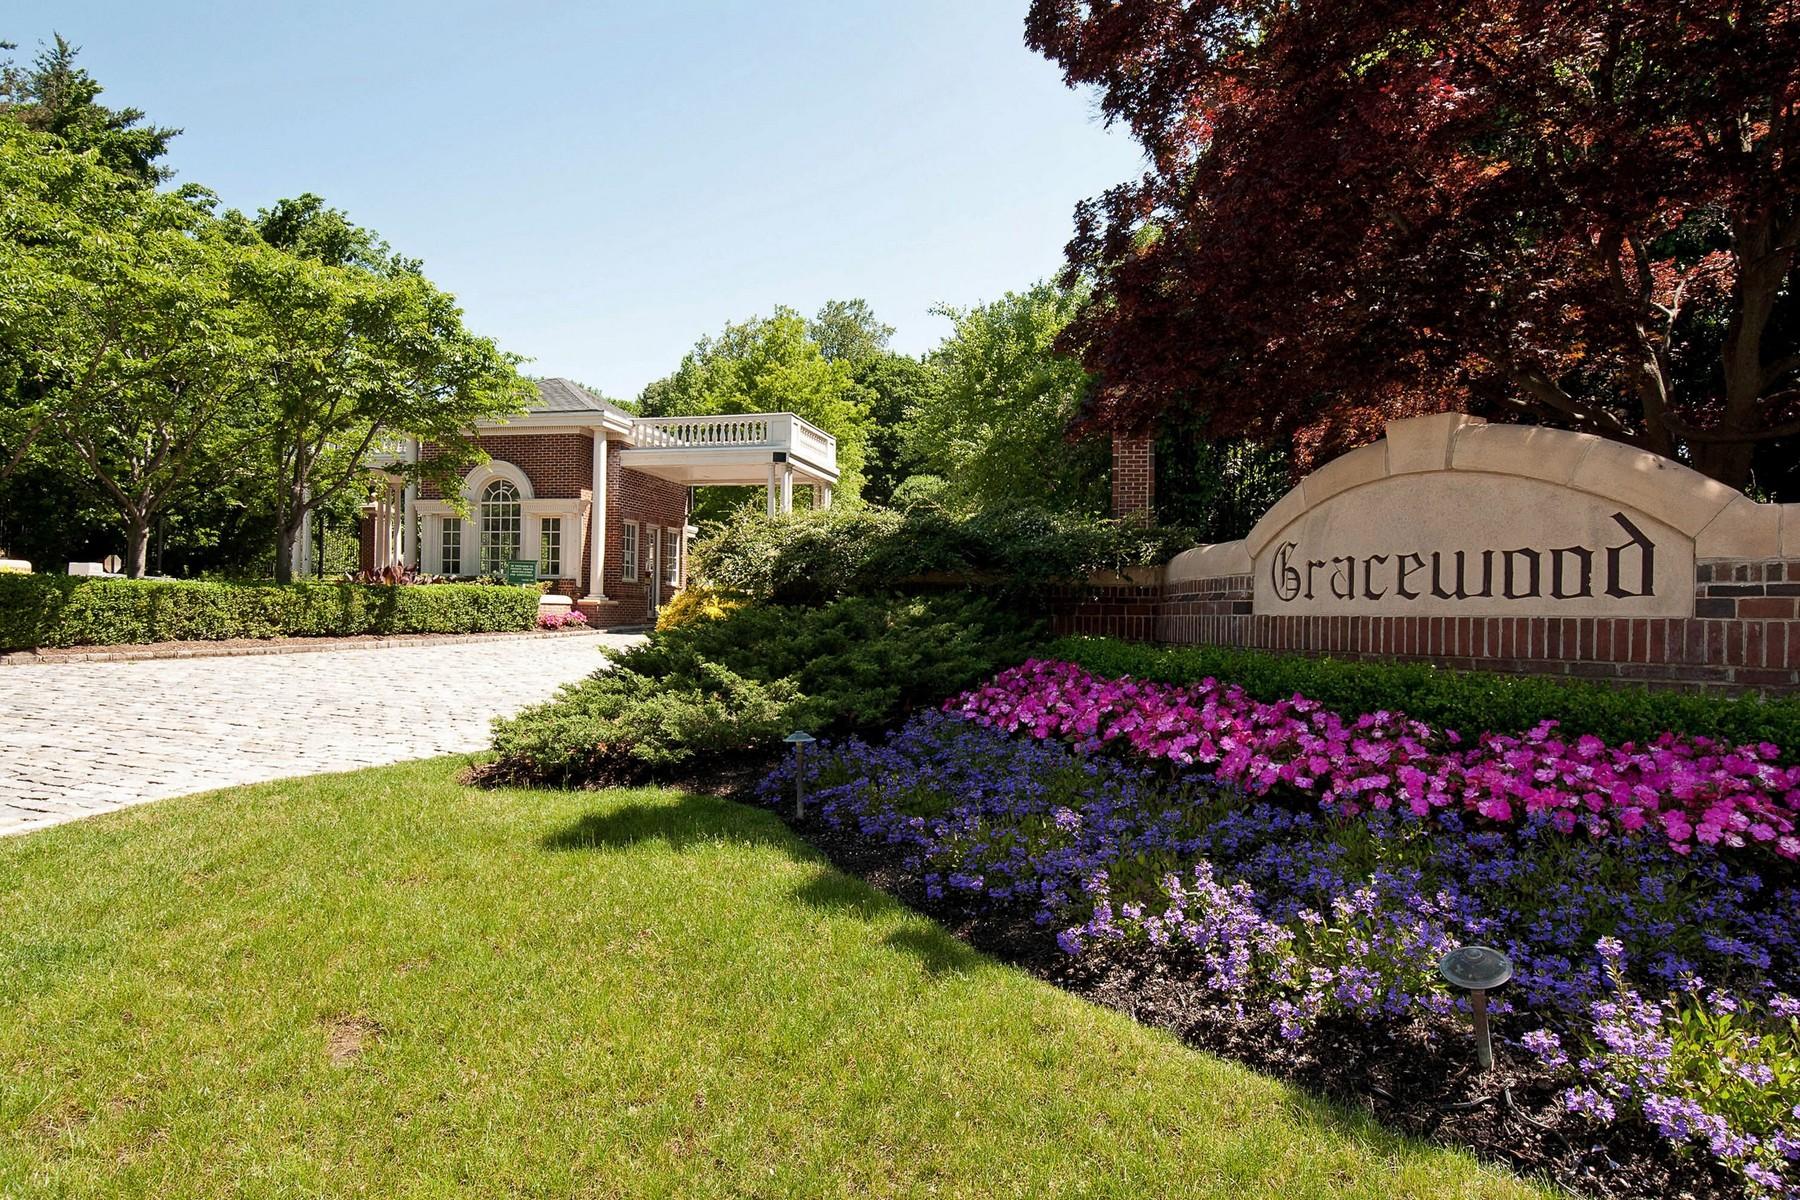 Casa para uma família para Venda às Magnificent Colonial with Master on Main 15 Gracewood Dr Manhasset, Nova York, 11030 Estados Unidos